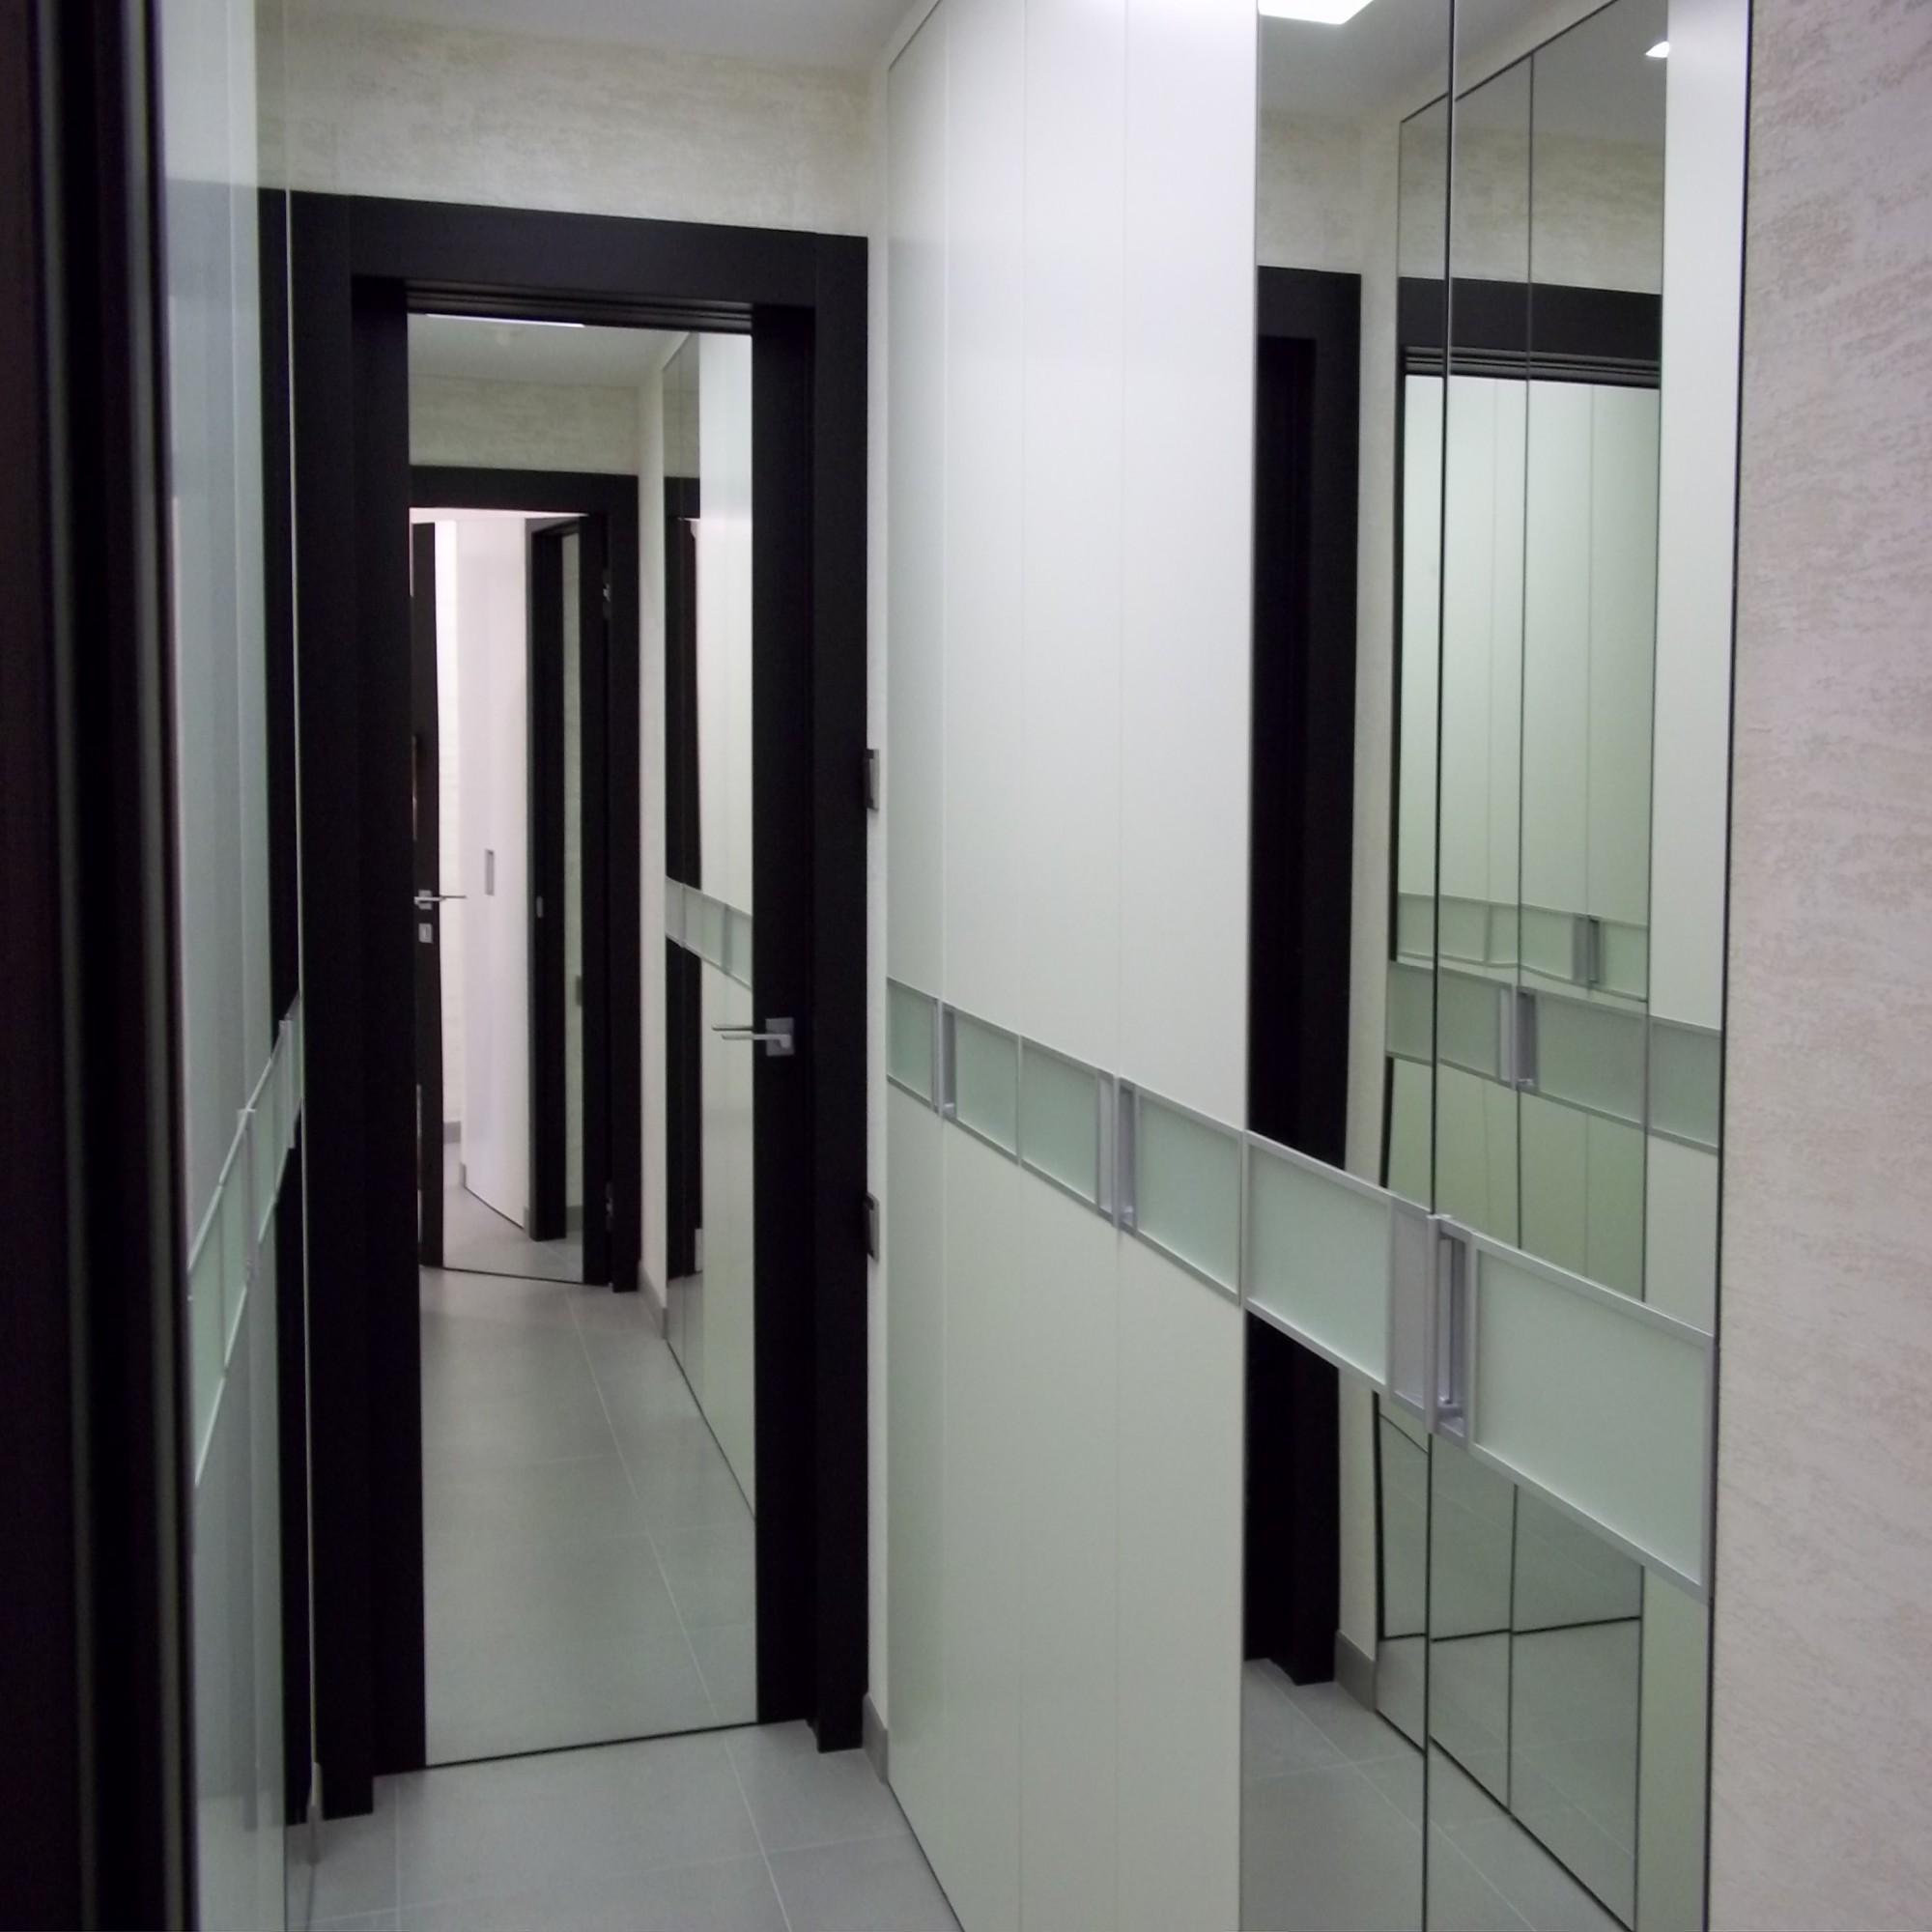 Как выбрать зеркало в прихожую Четыре стены - блог о интерье.